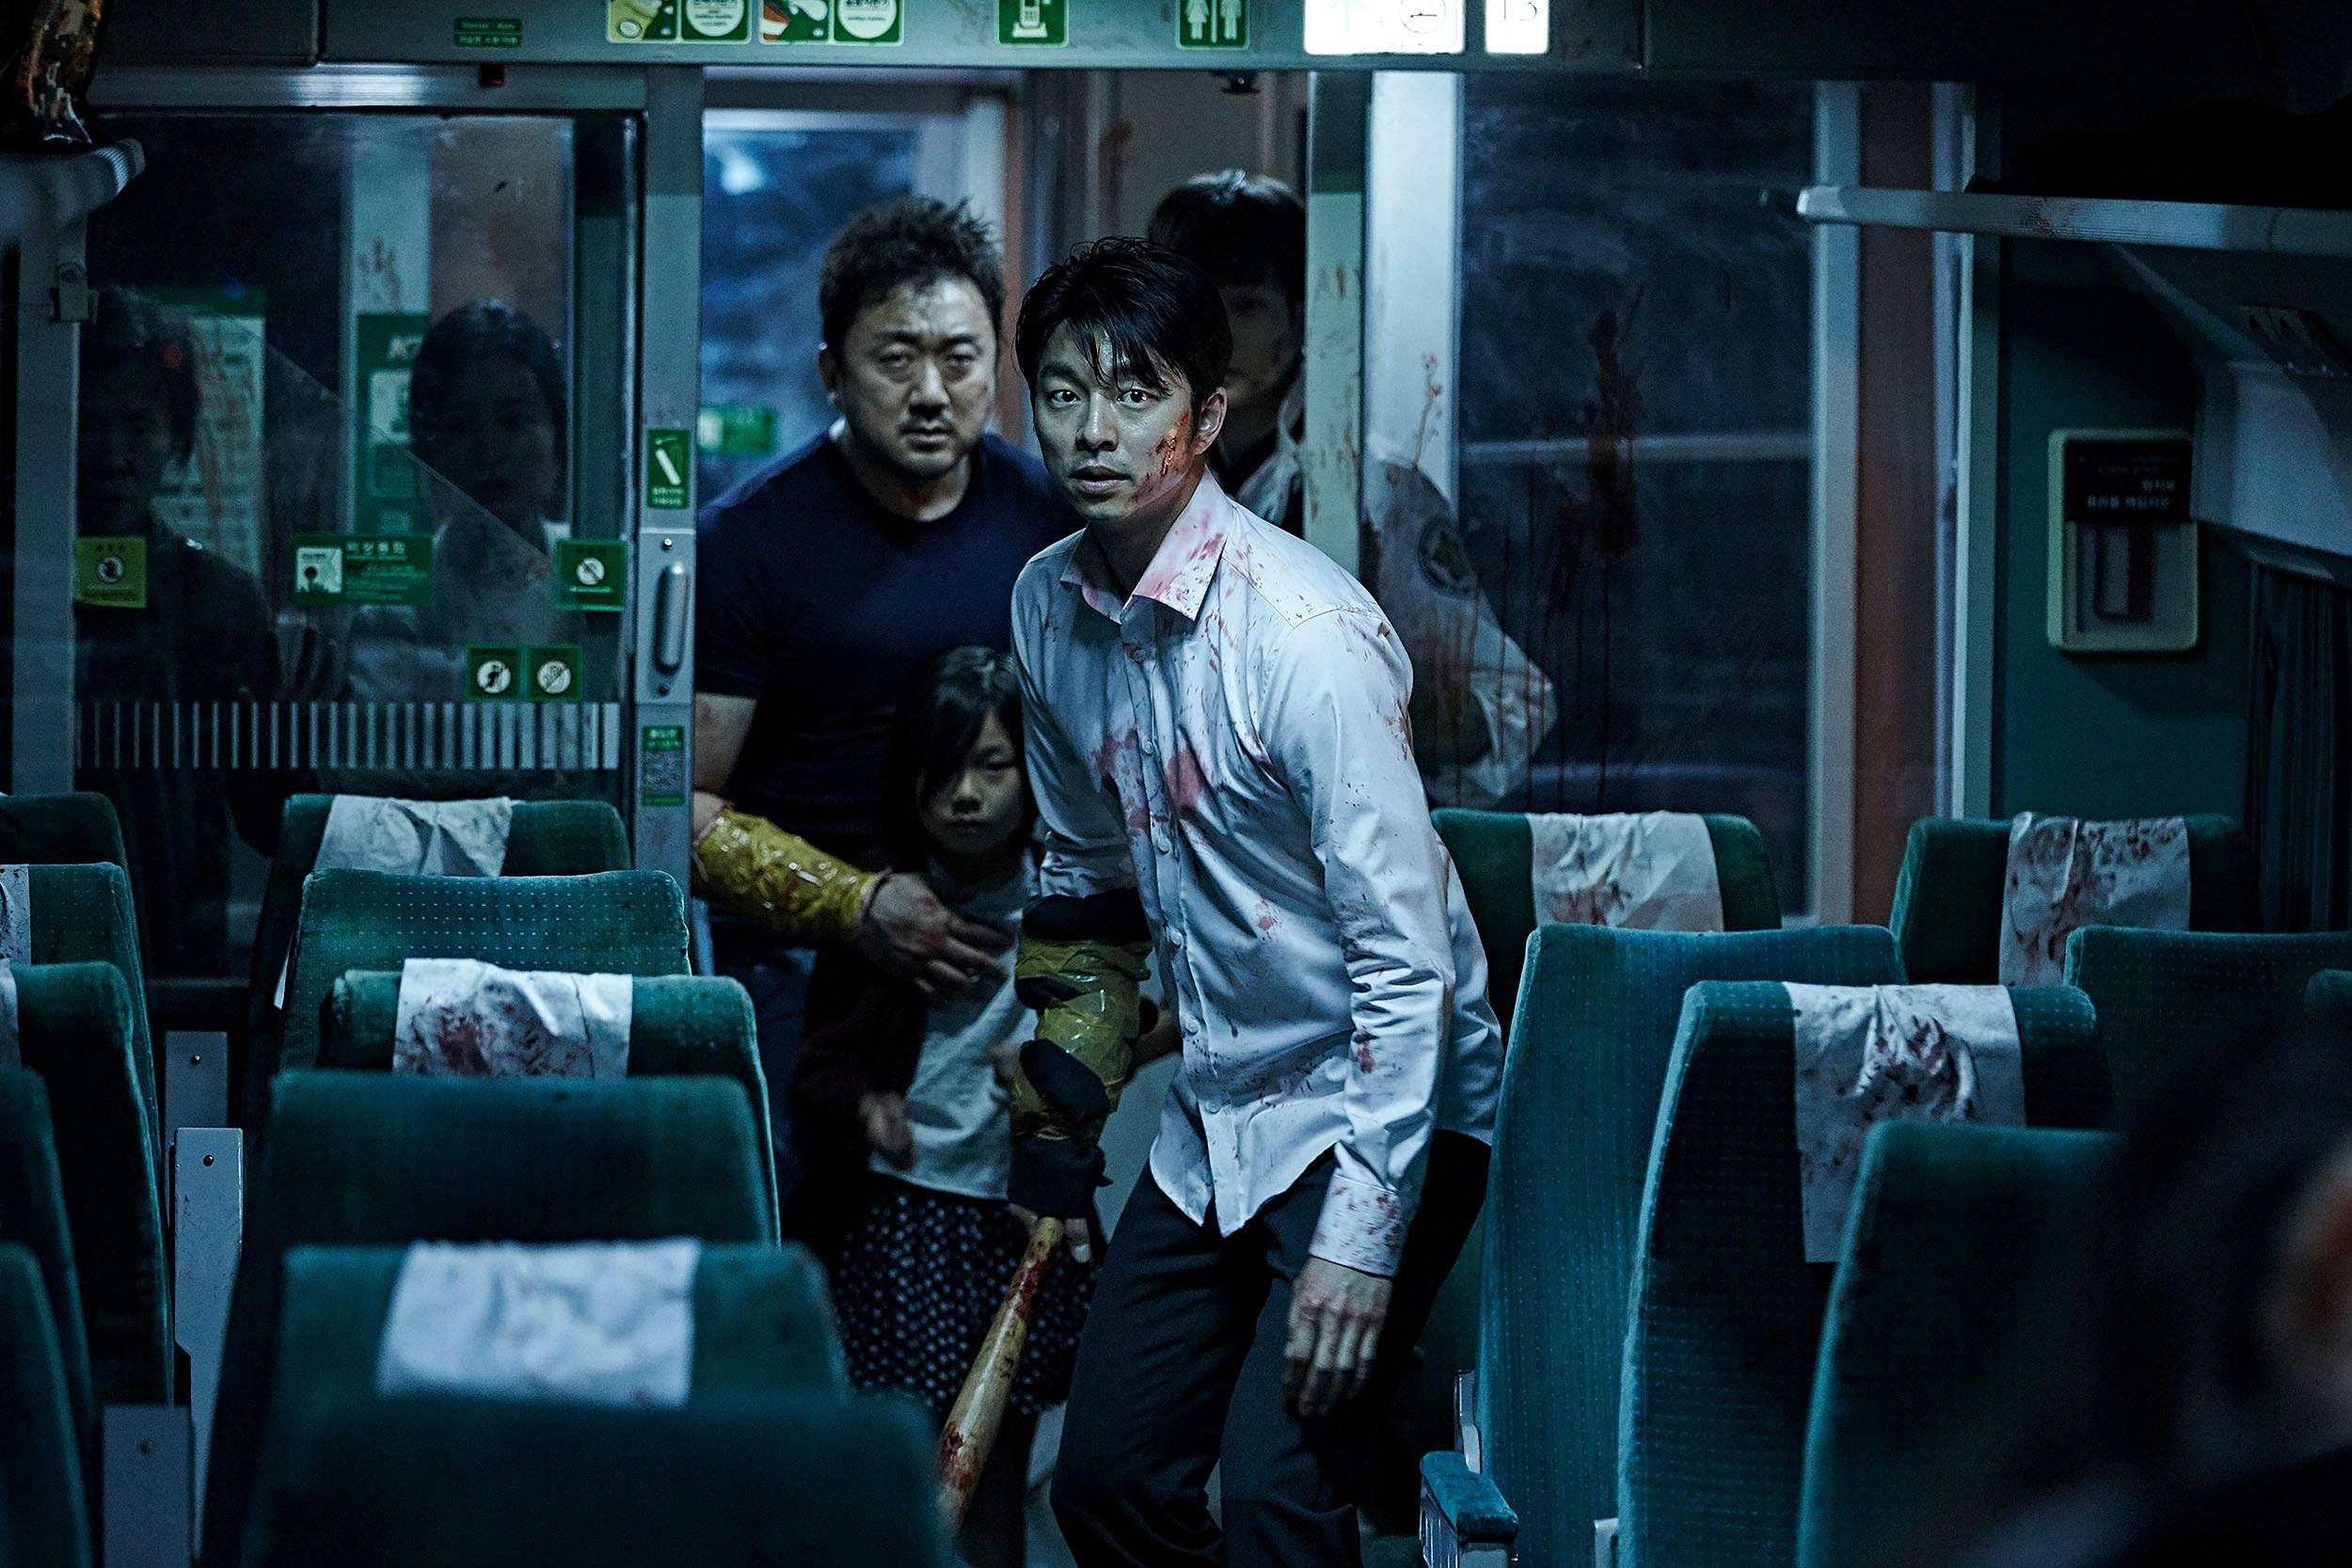 Ma Dong-Seok, Kim Soo-Ahn, and Gong Yoo make their way through a train